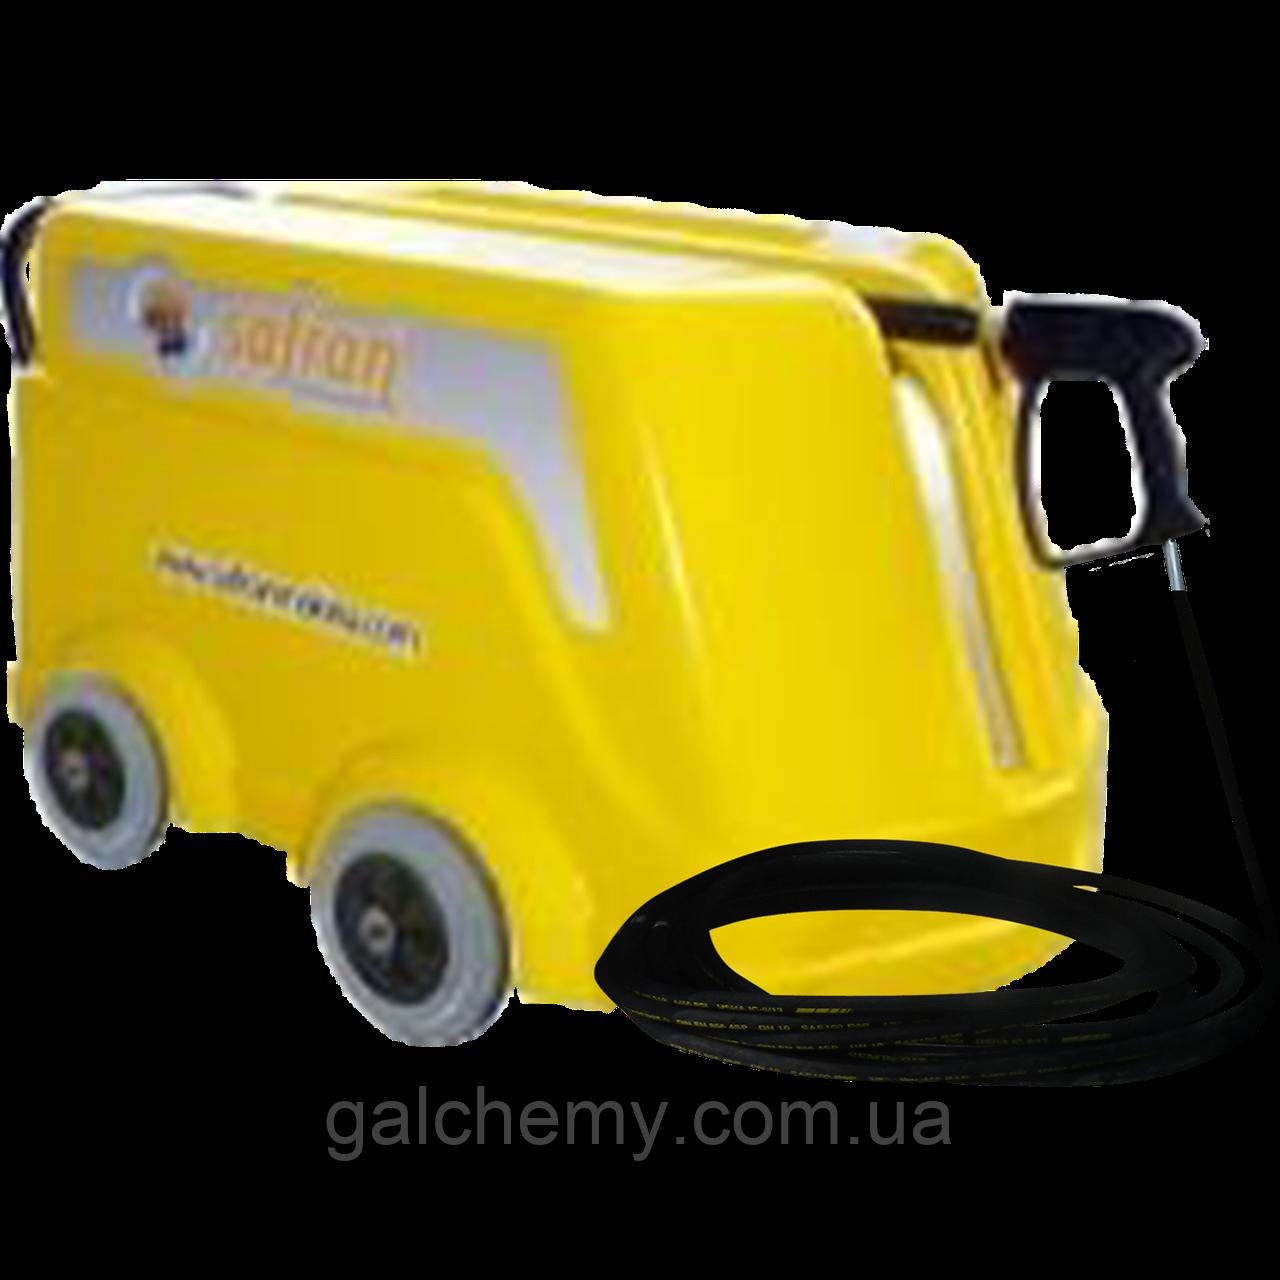 Мийка високого тиску HC 300 Safran